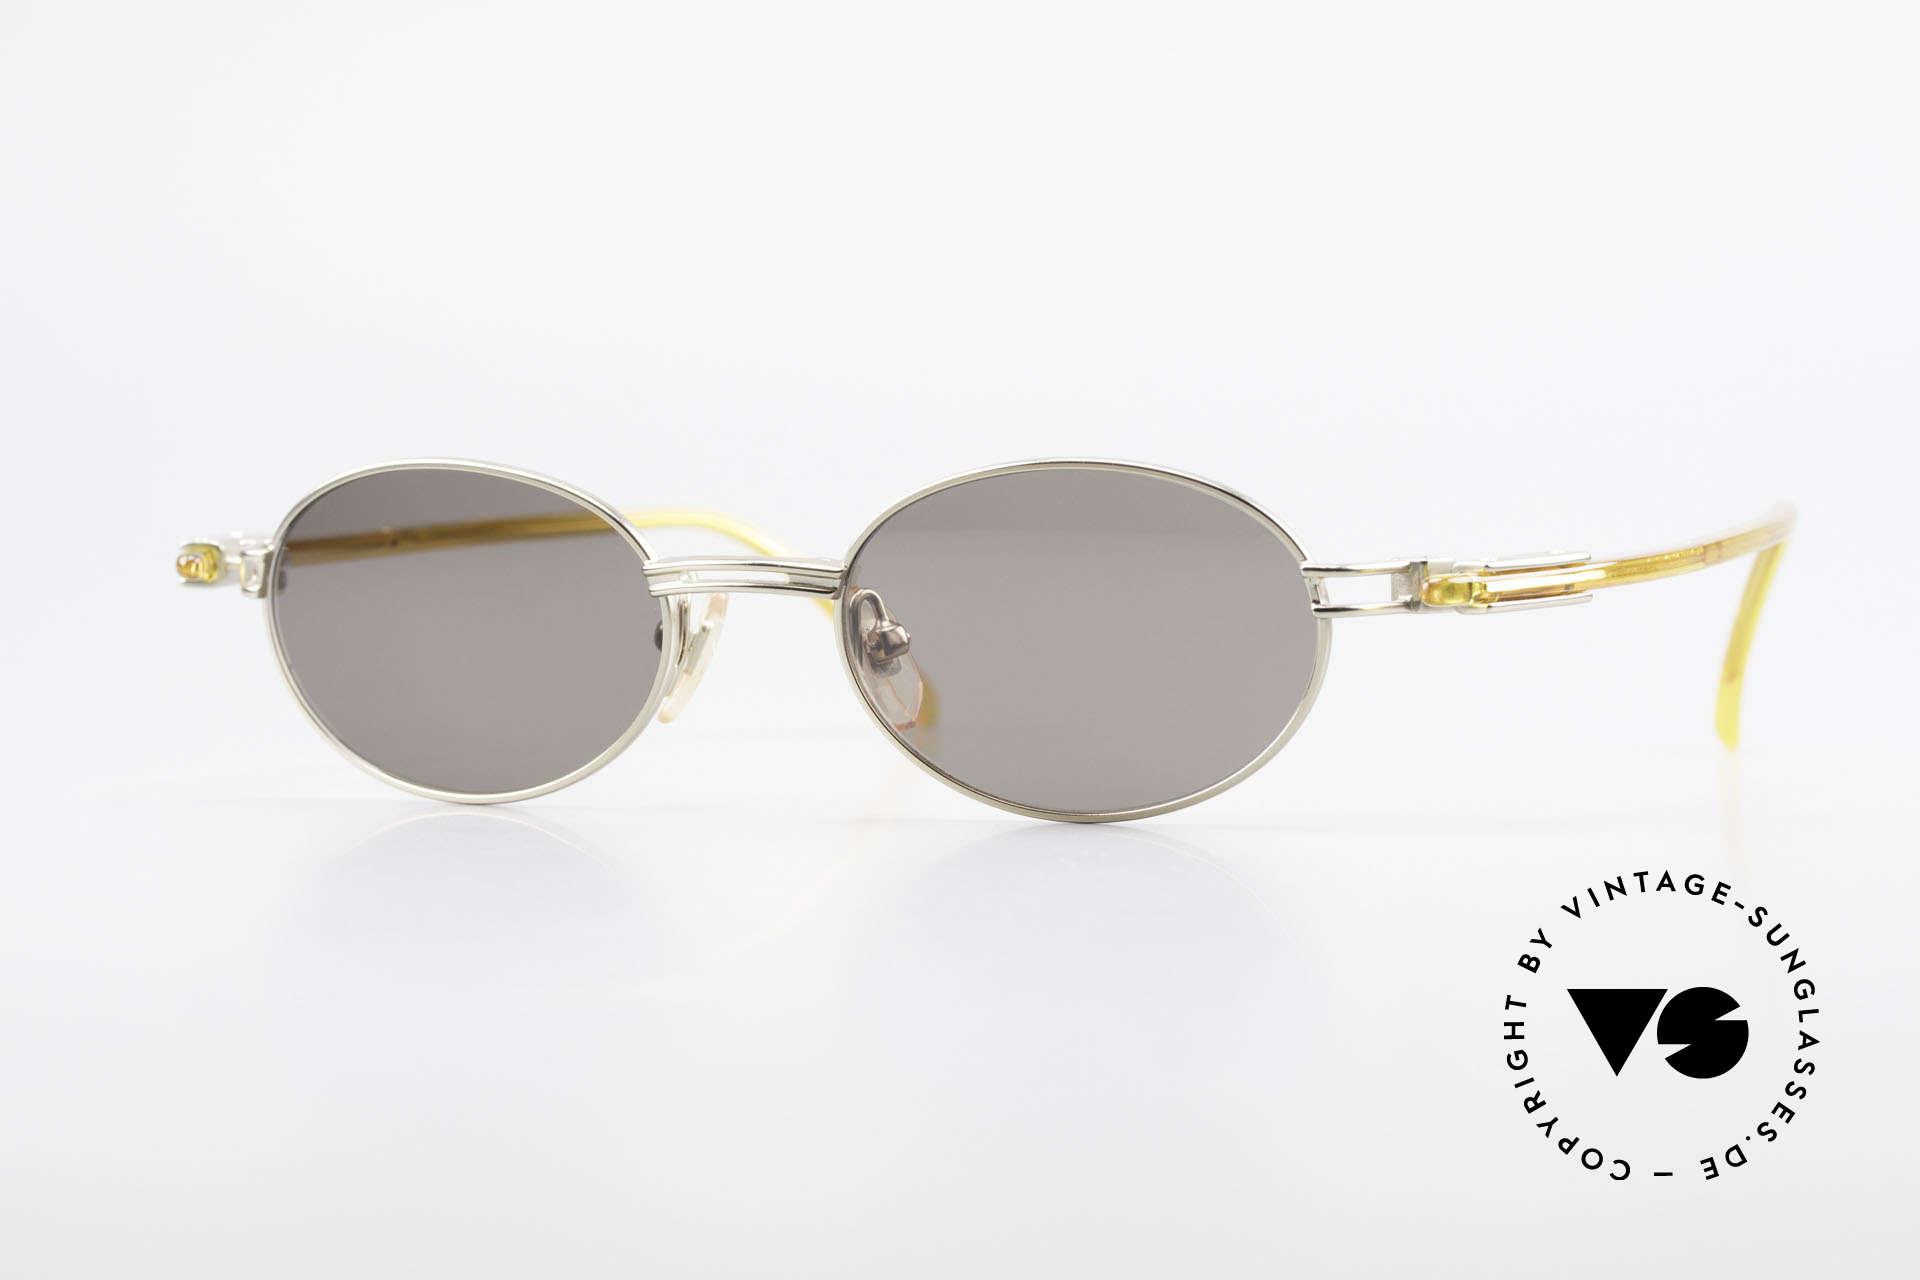 Yohji Yamamoto 52-7202 Designerbrille Oval Vintage, sportliche ovale vintage YOHJI YAMAMOTO Sonnenbrille, Passend für Herren und Damen